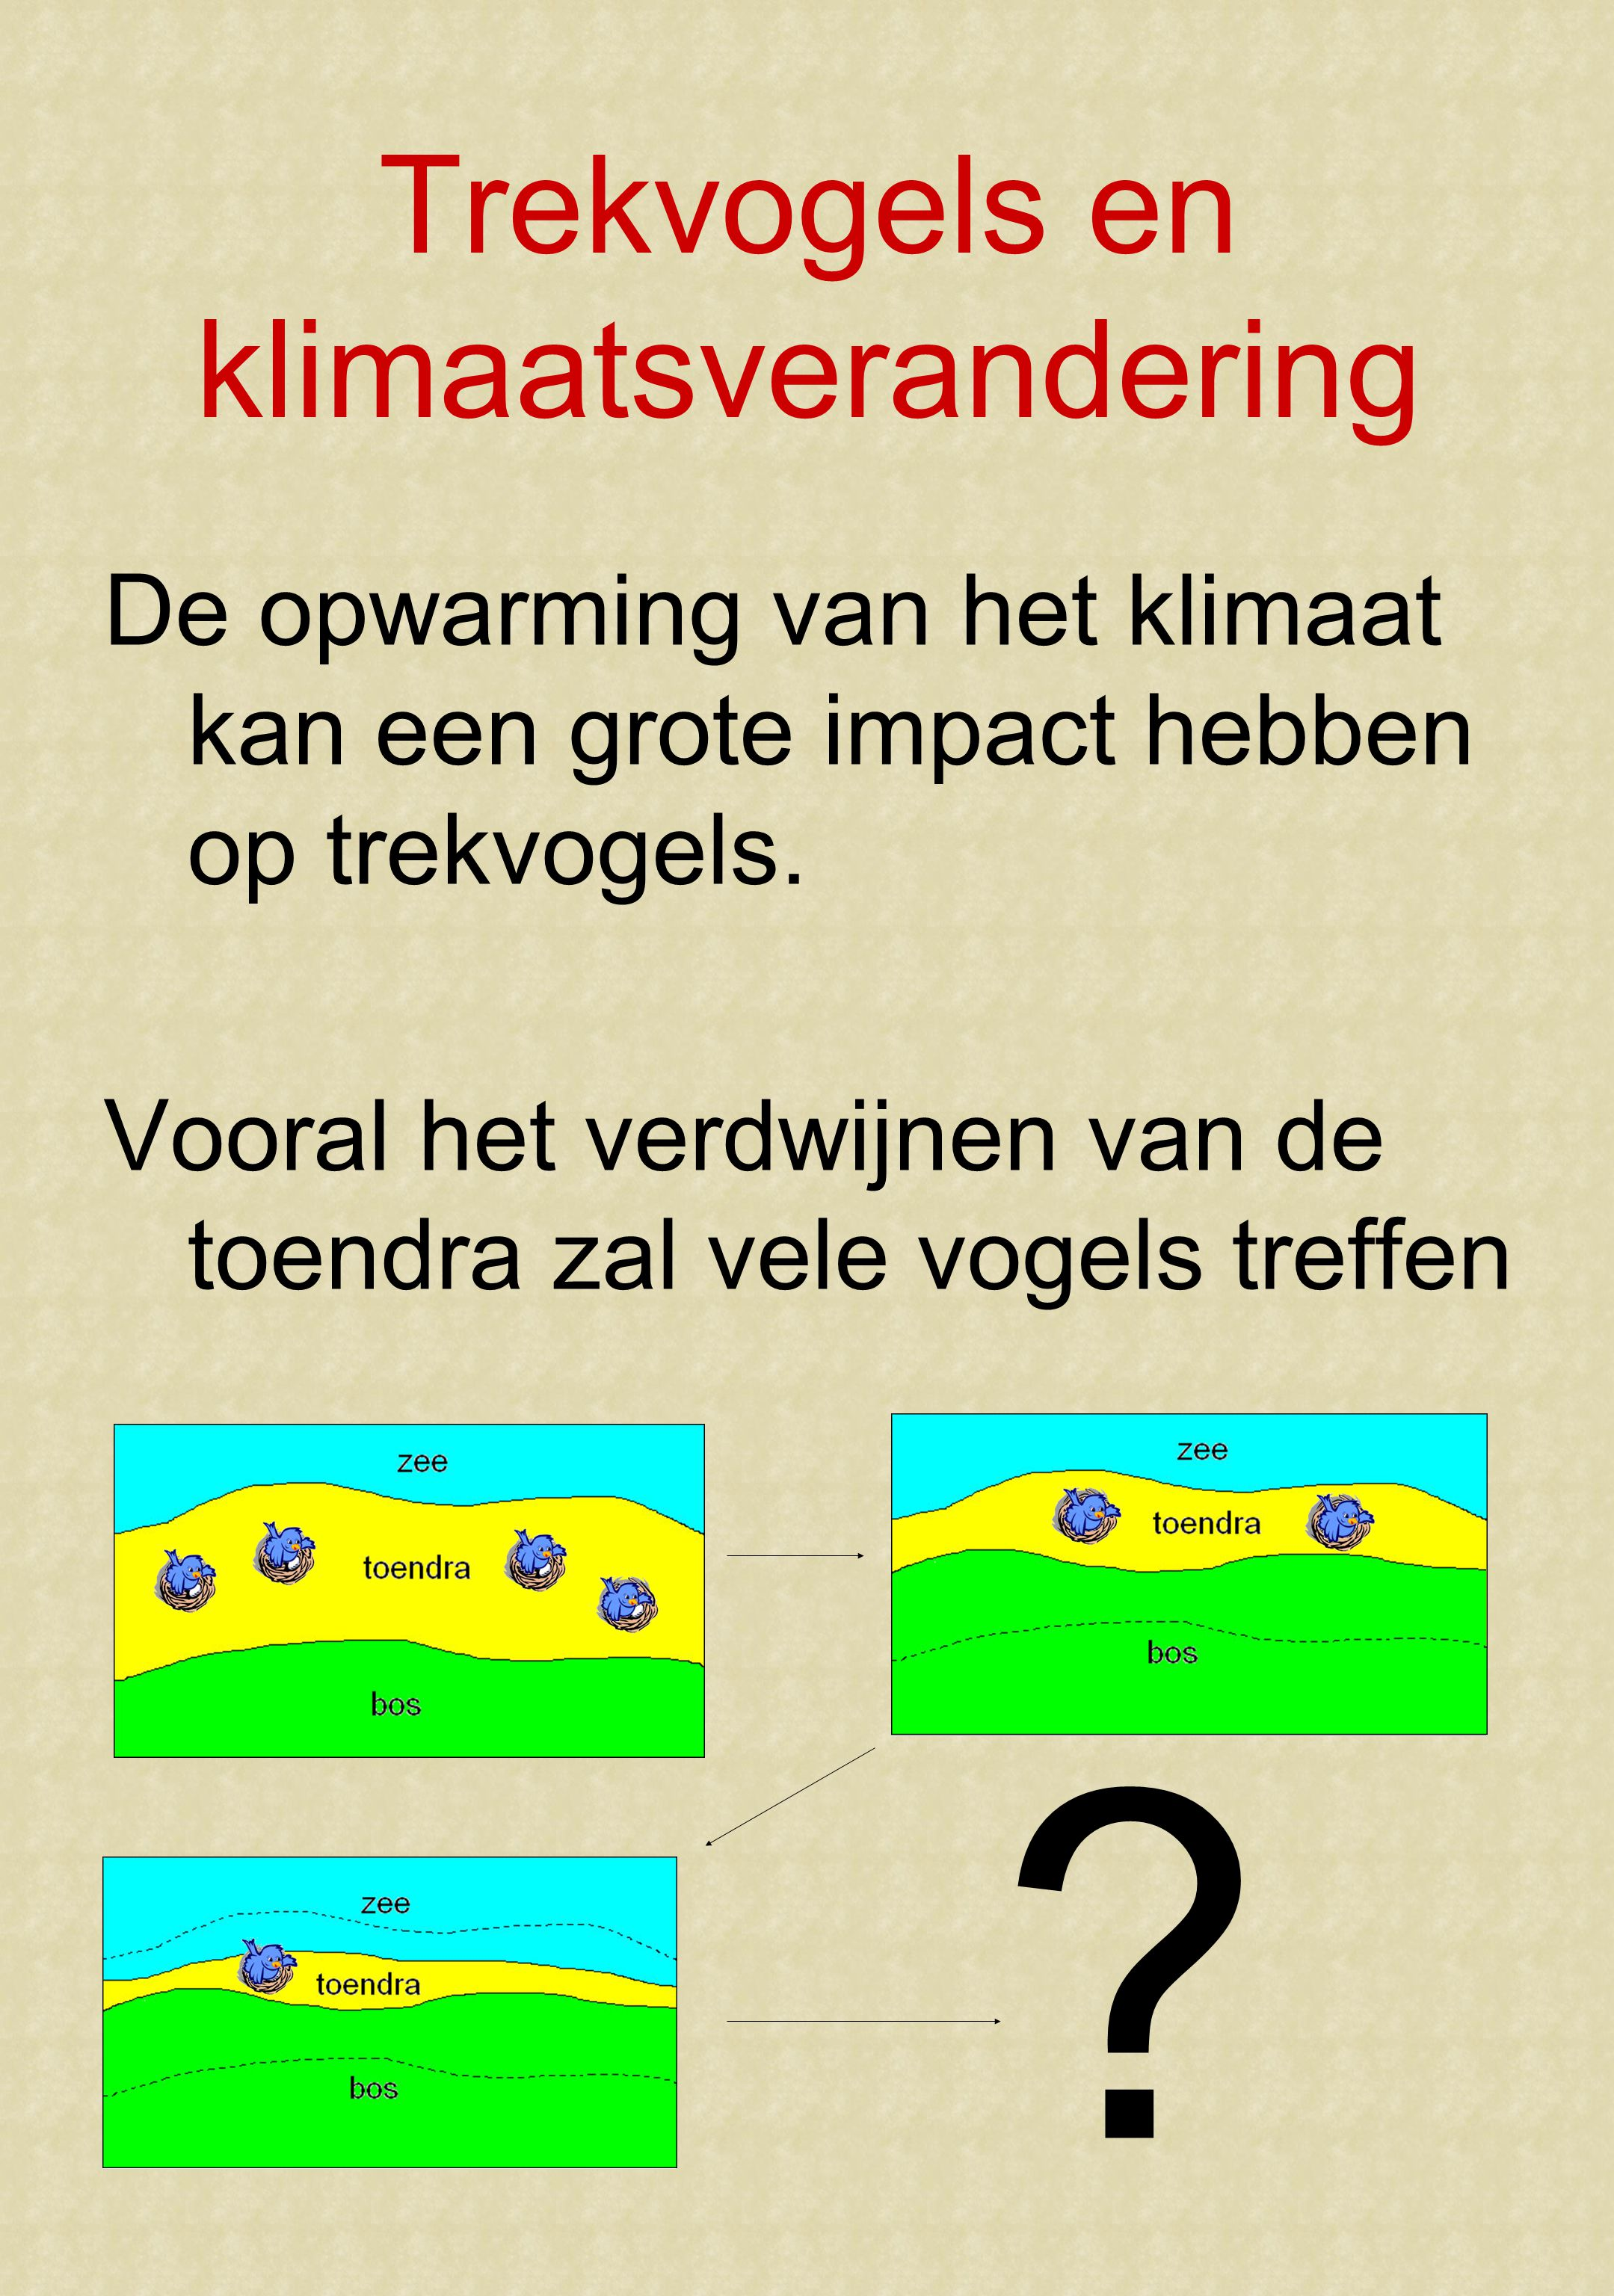 Trekvogels en klimaatsverandering